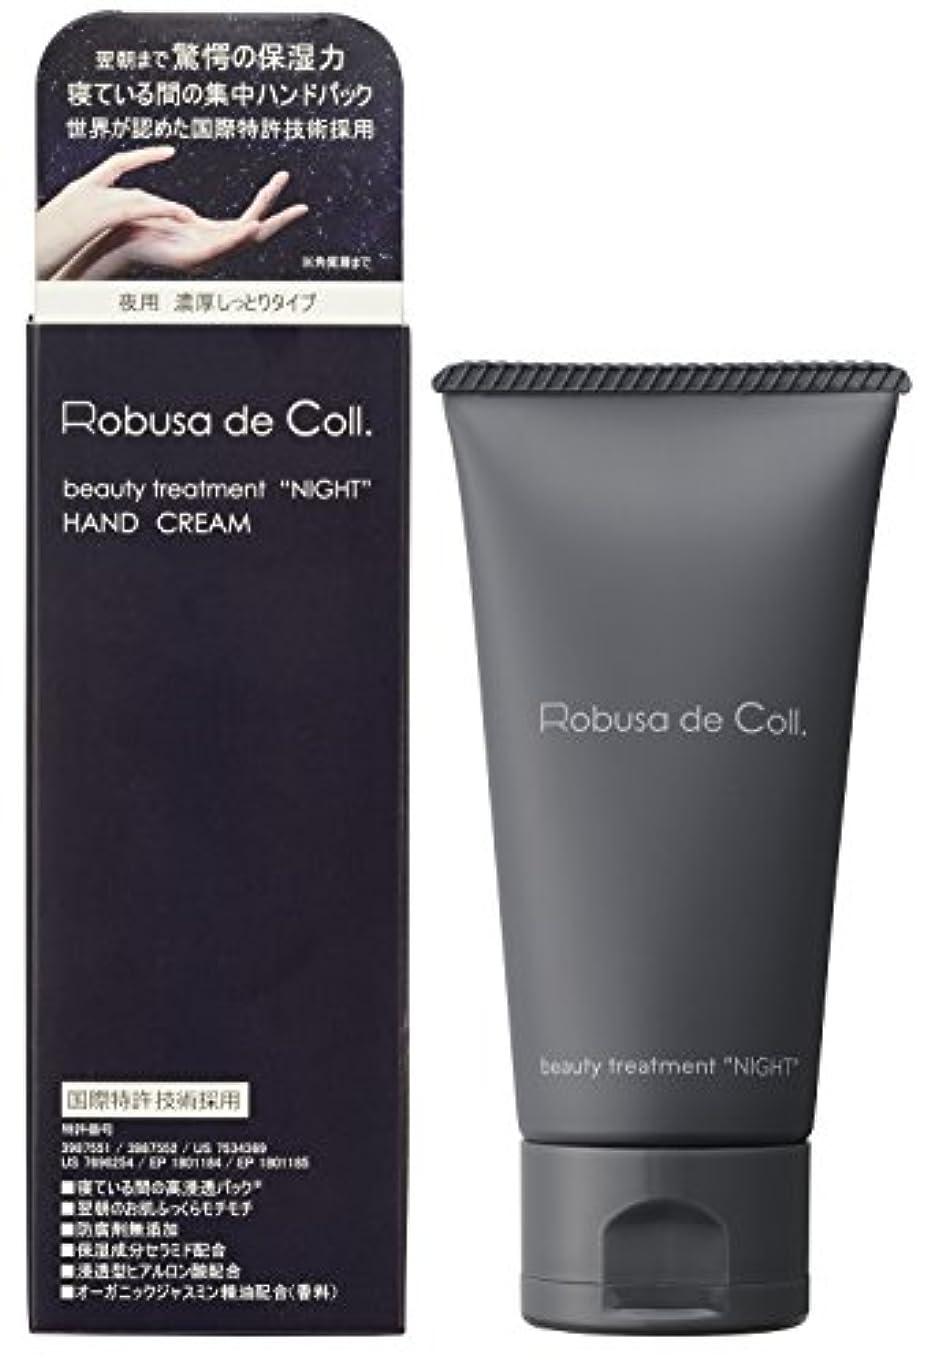 規制付属品シャベルRobusa de Coll. (ロブサデコル) ナイトリペアクリーム (ハンドクリーム) 60g (皮膚保護クリーム 乾燥 敏感肌用)